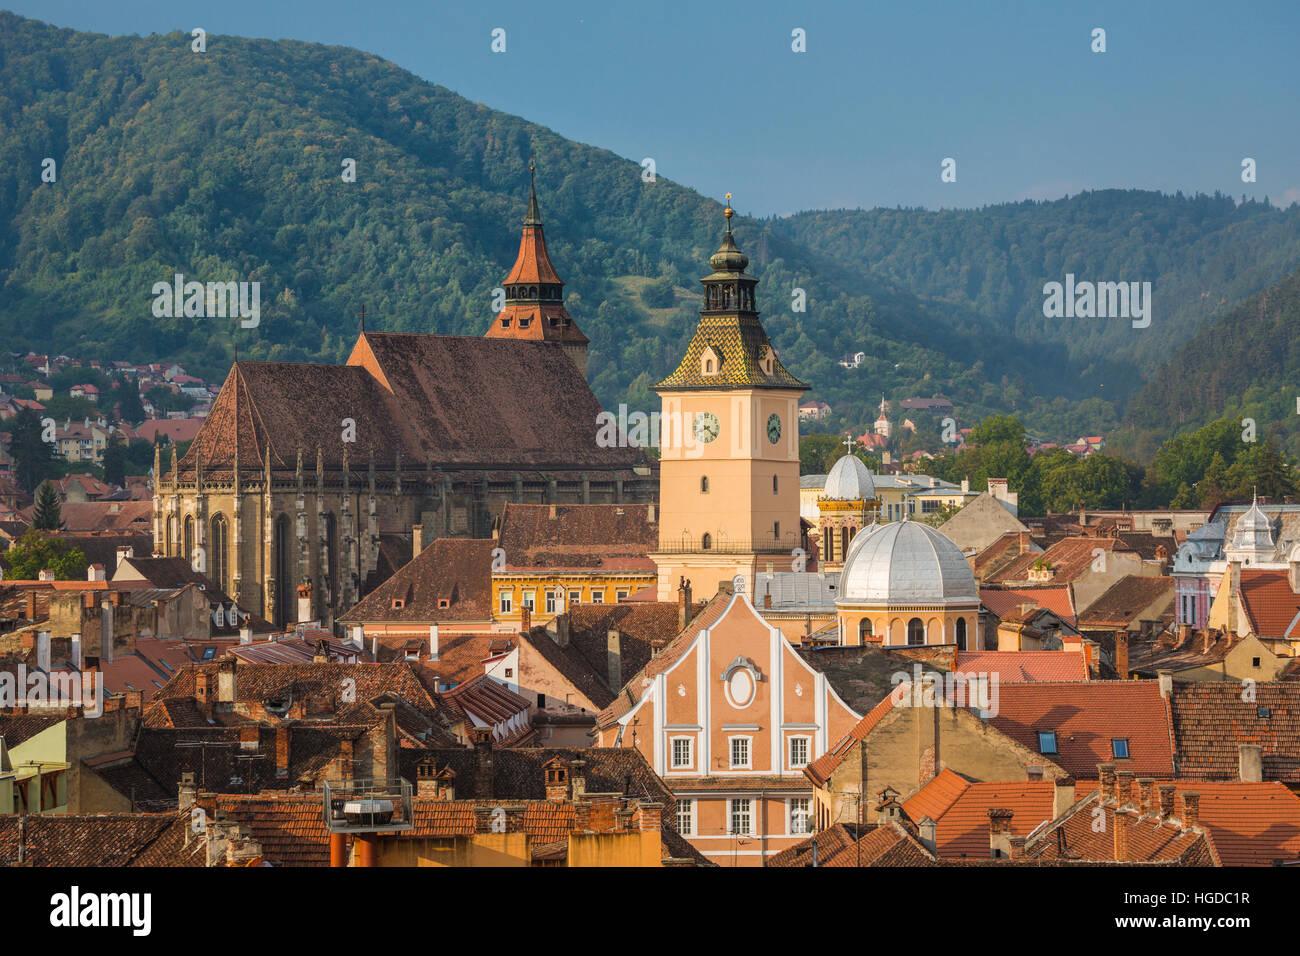 Rumänien, Siebenbürgen, Brasow Stadt, schwarzes Dach Stockbild